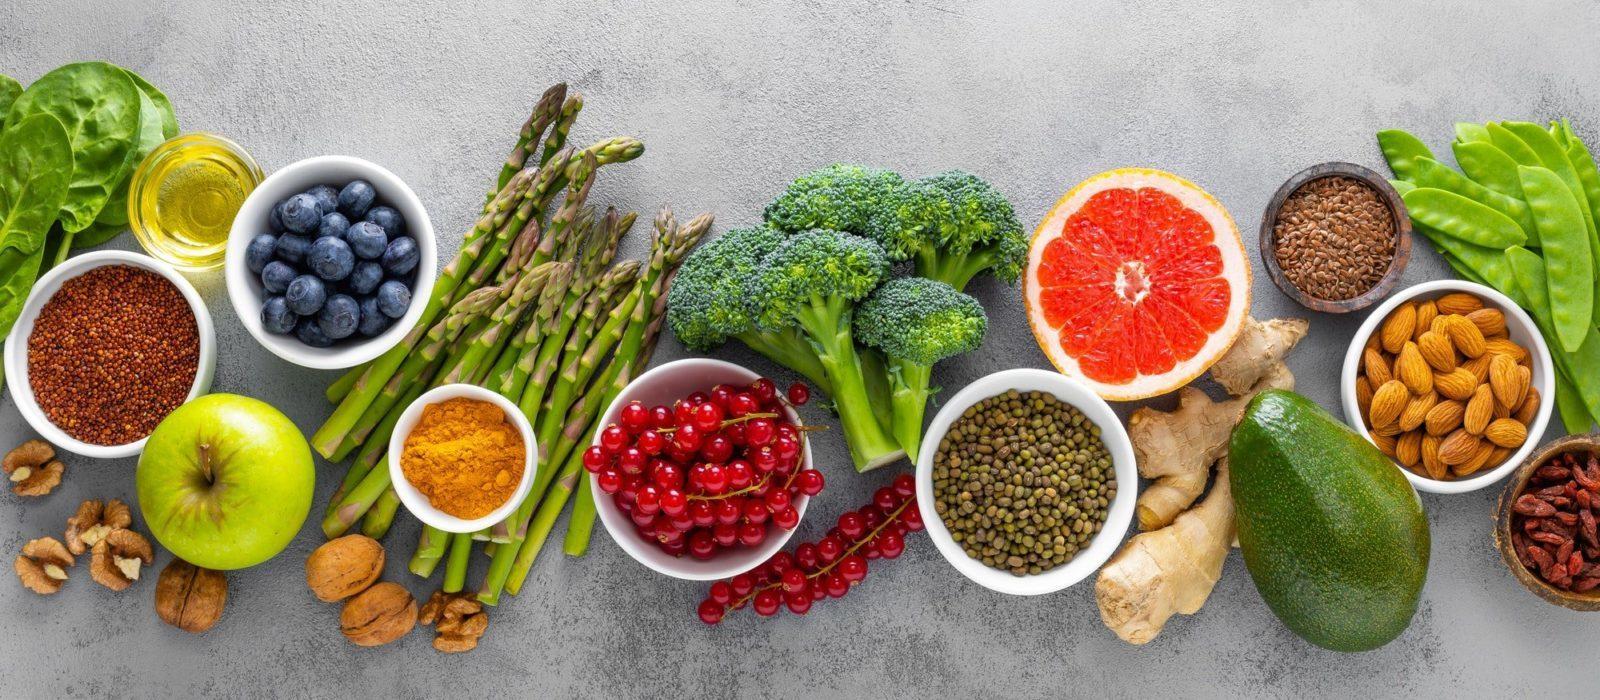 Symbolbild Ernährung zeigt verschiedene Elemente gesunder Ernährung